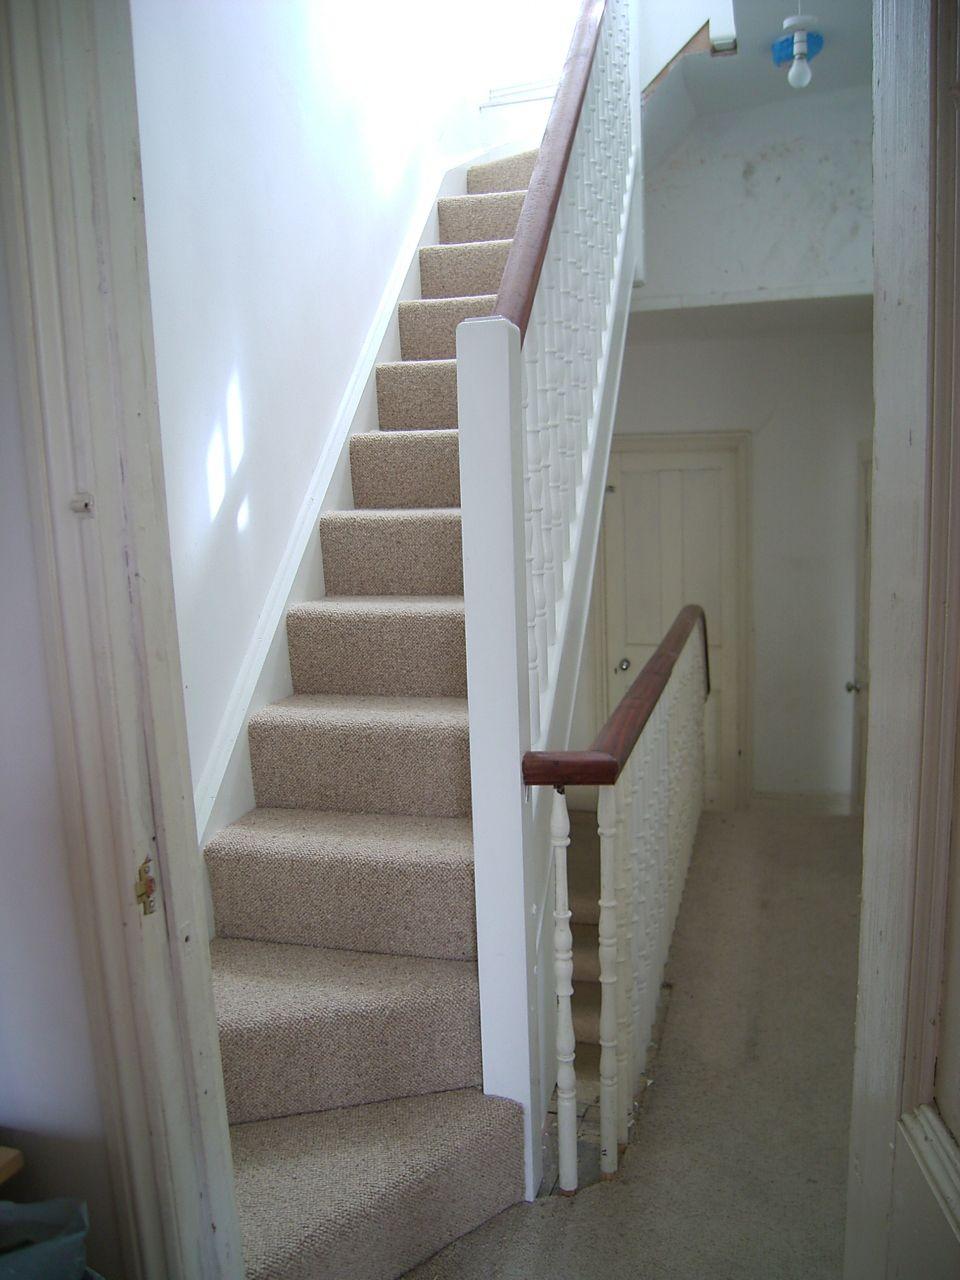 2 Bedroom Victorian Terrace Loft Conversion Cost 2015